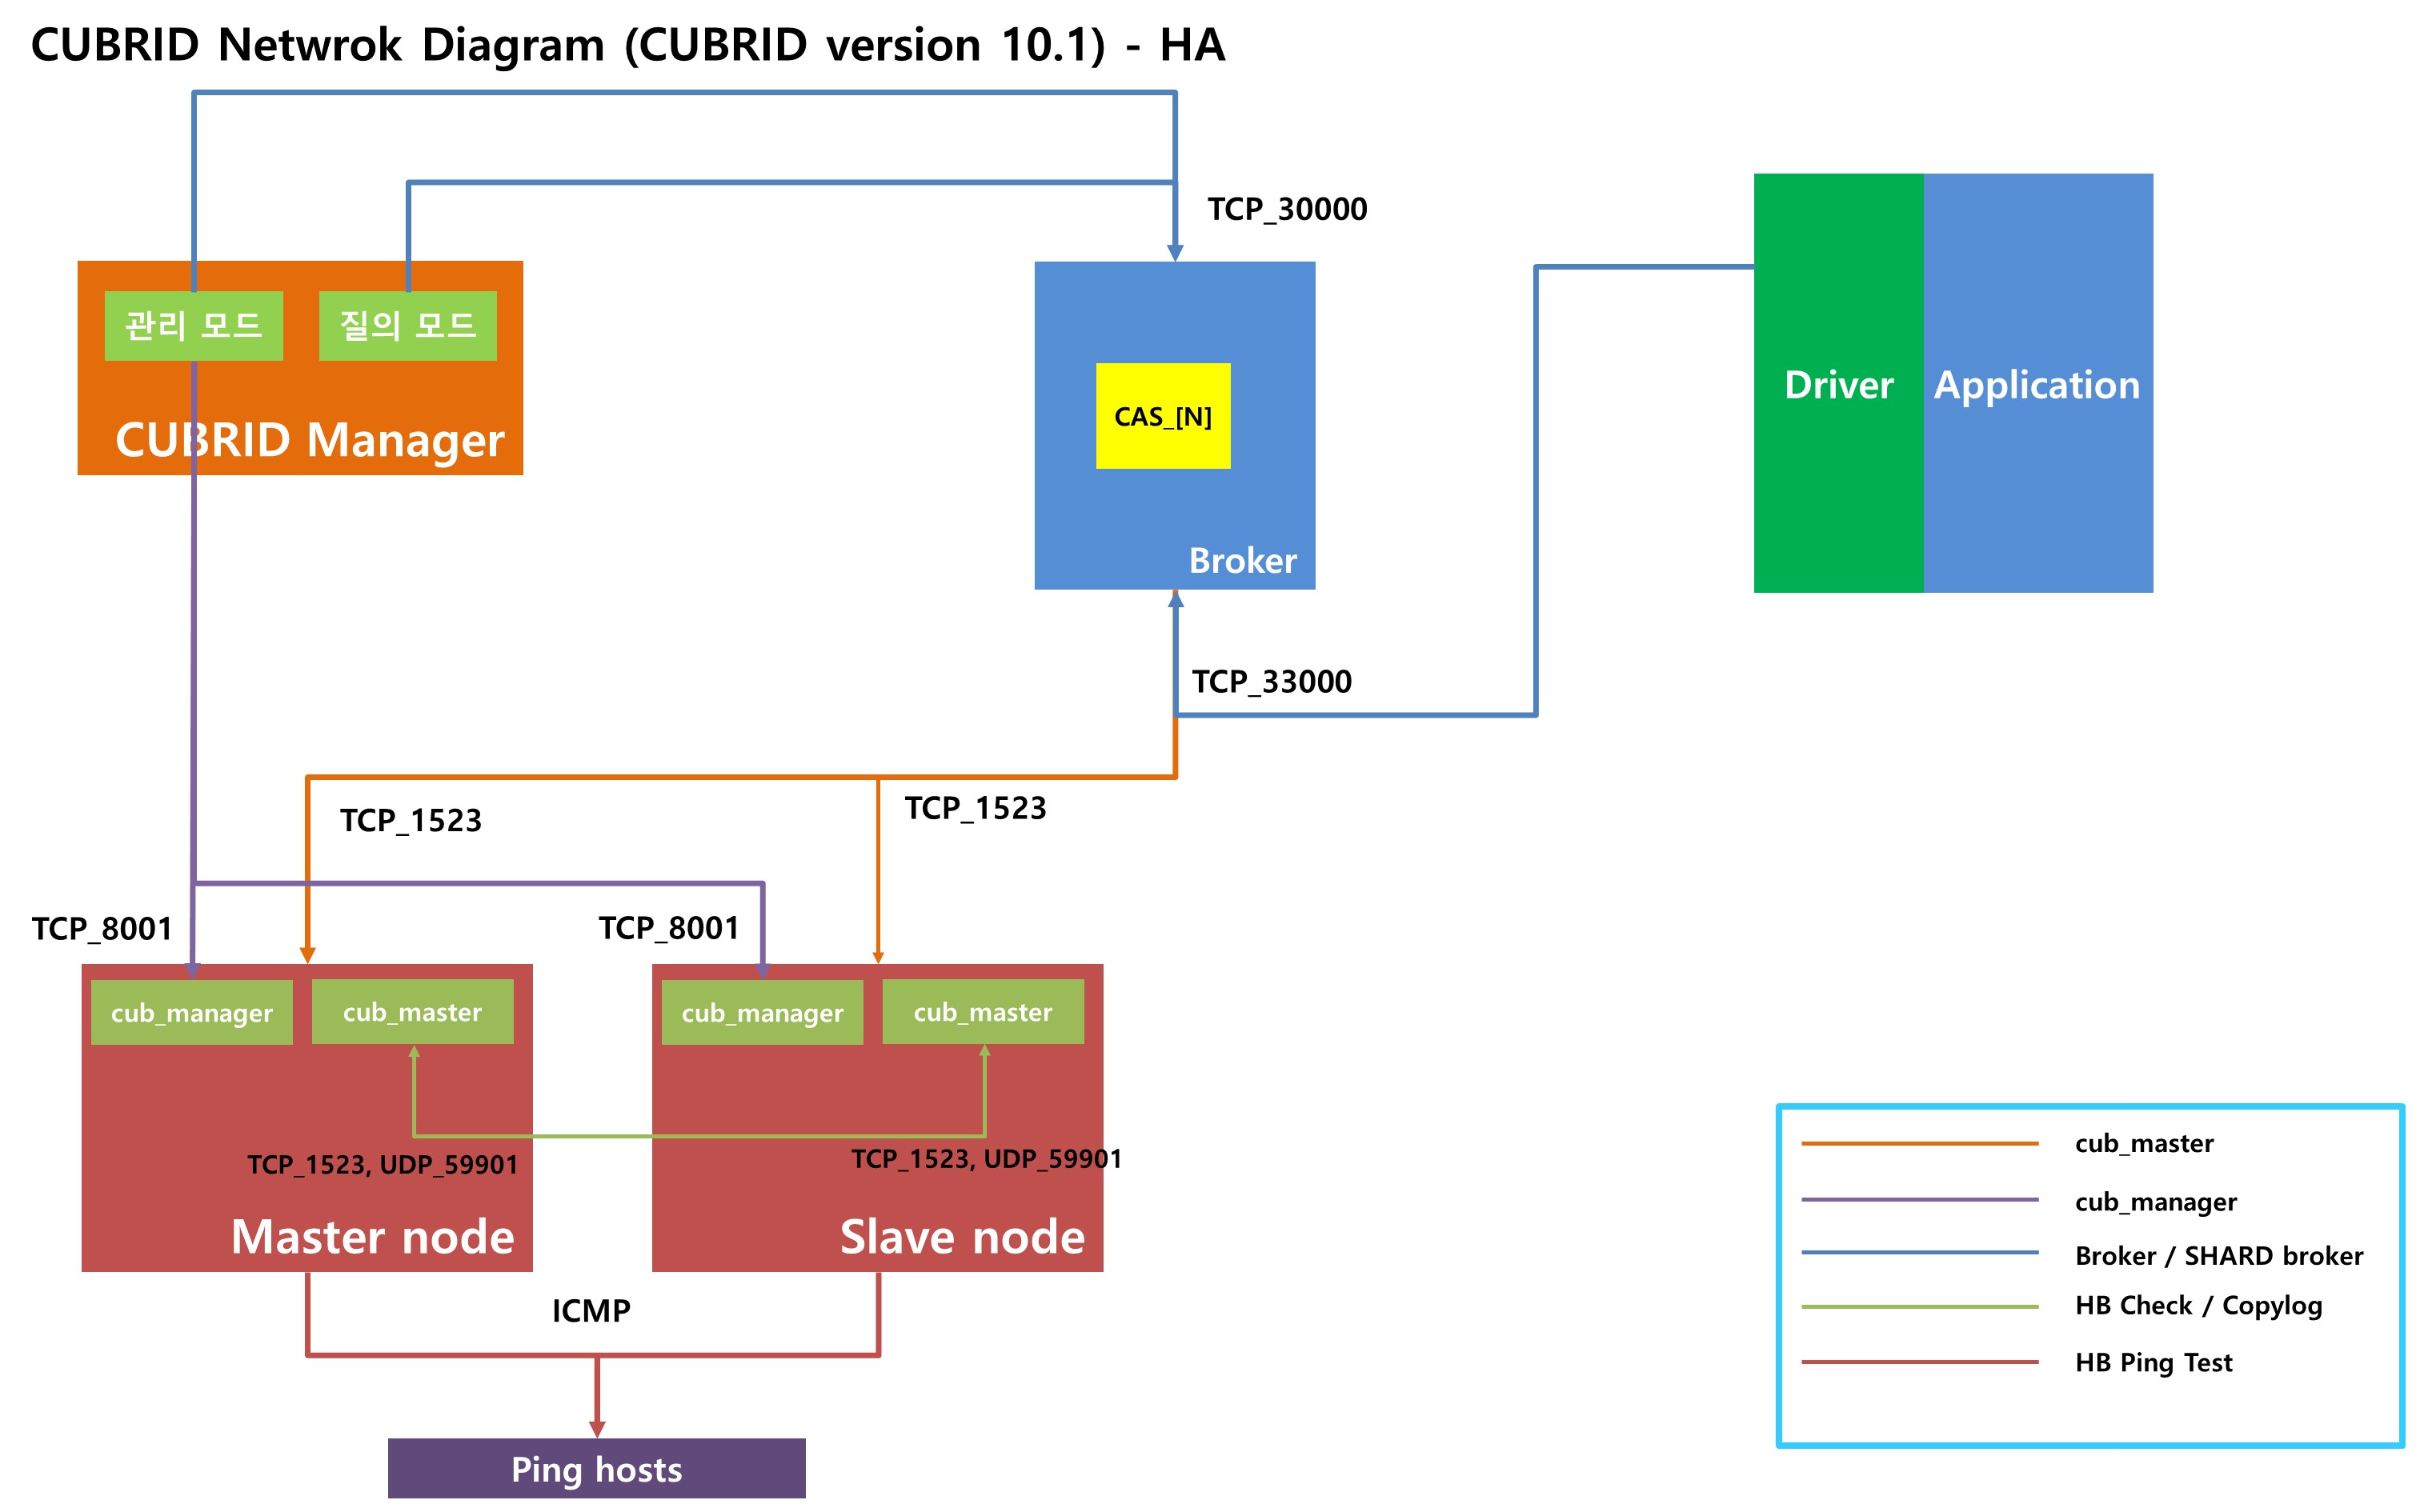 linux_101_ha.jpg